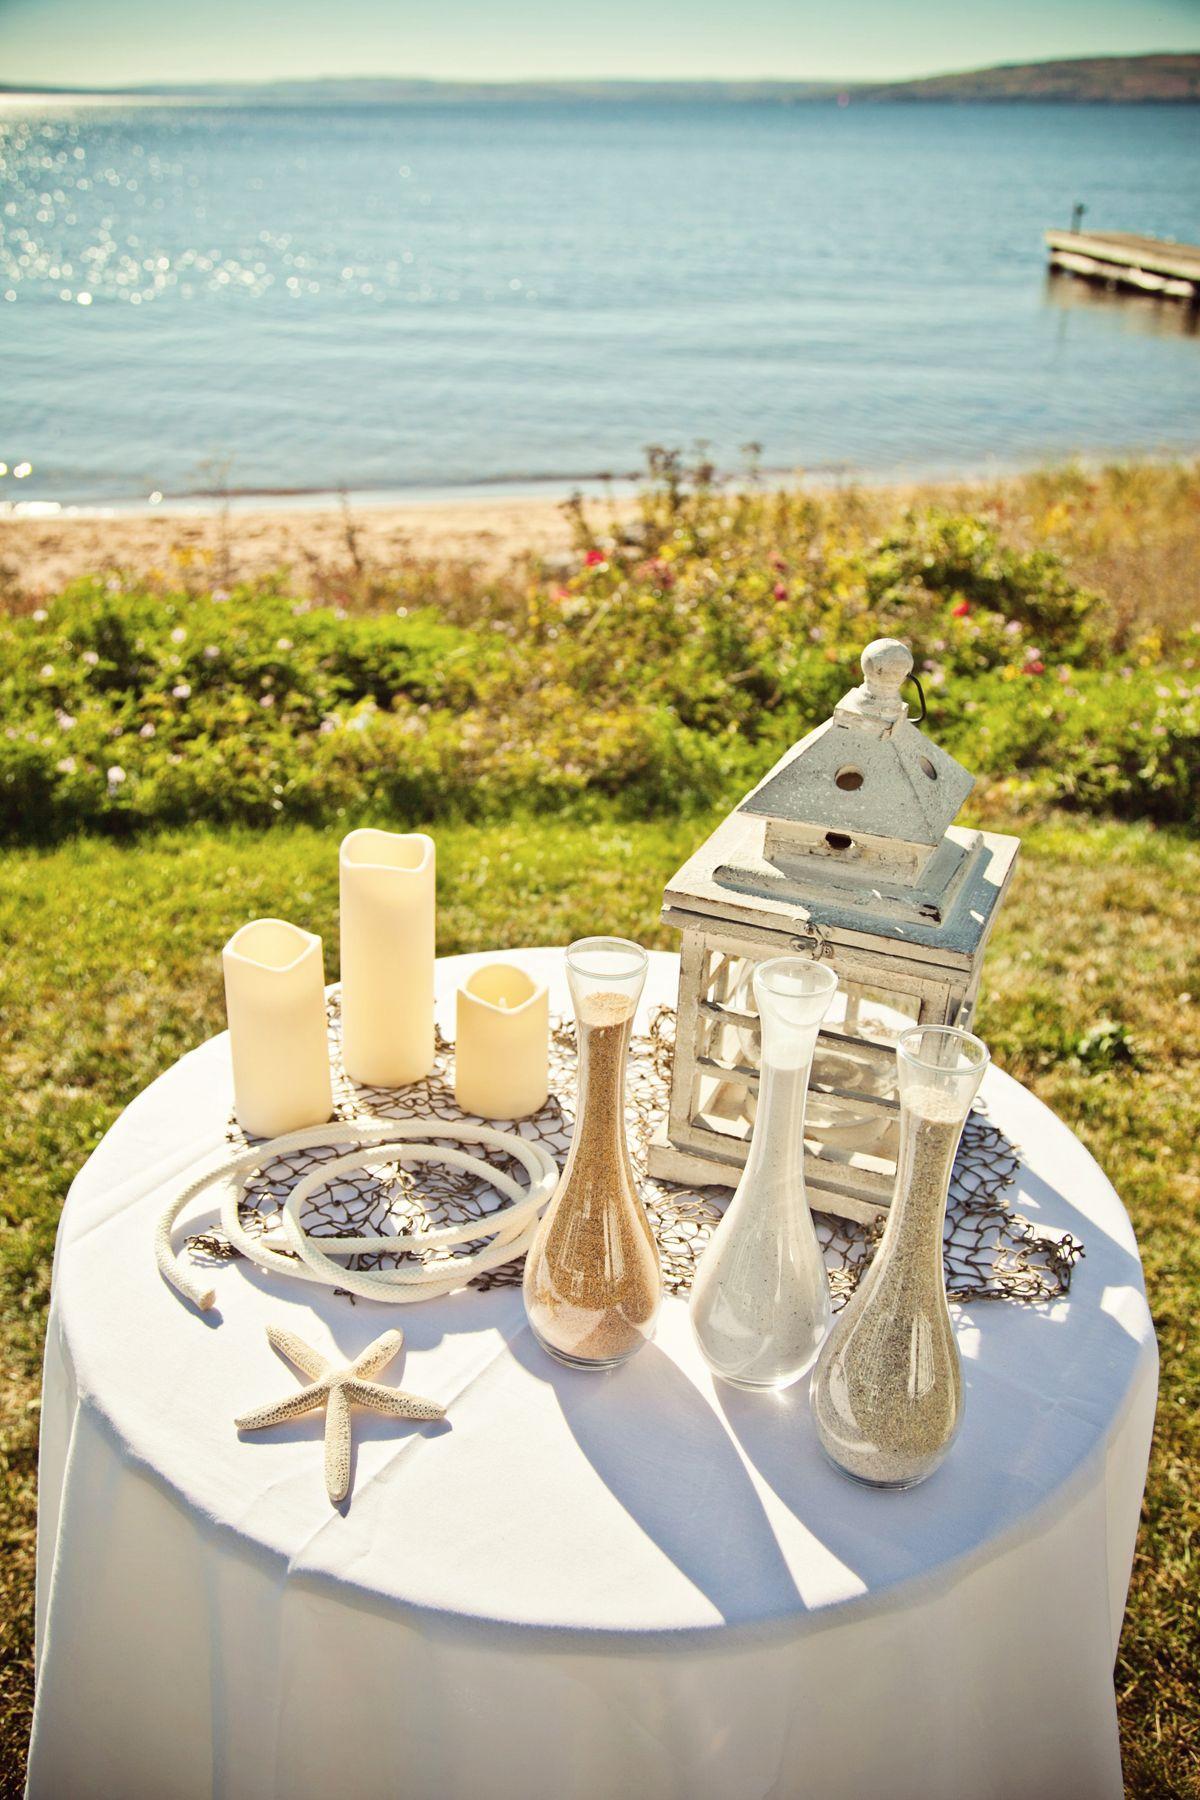 Beach wedding decorations diy  Nautical themed wedding Photo by Kelly T